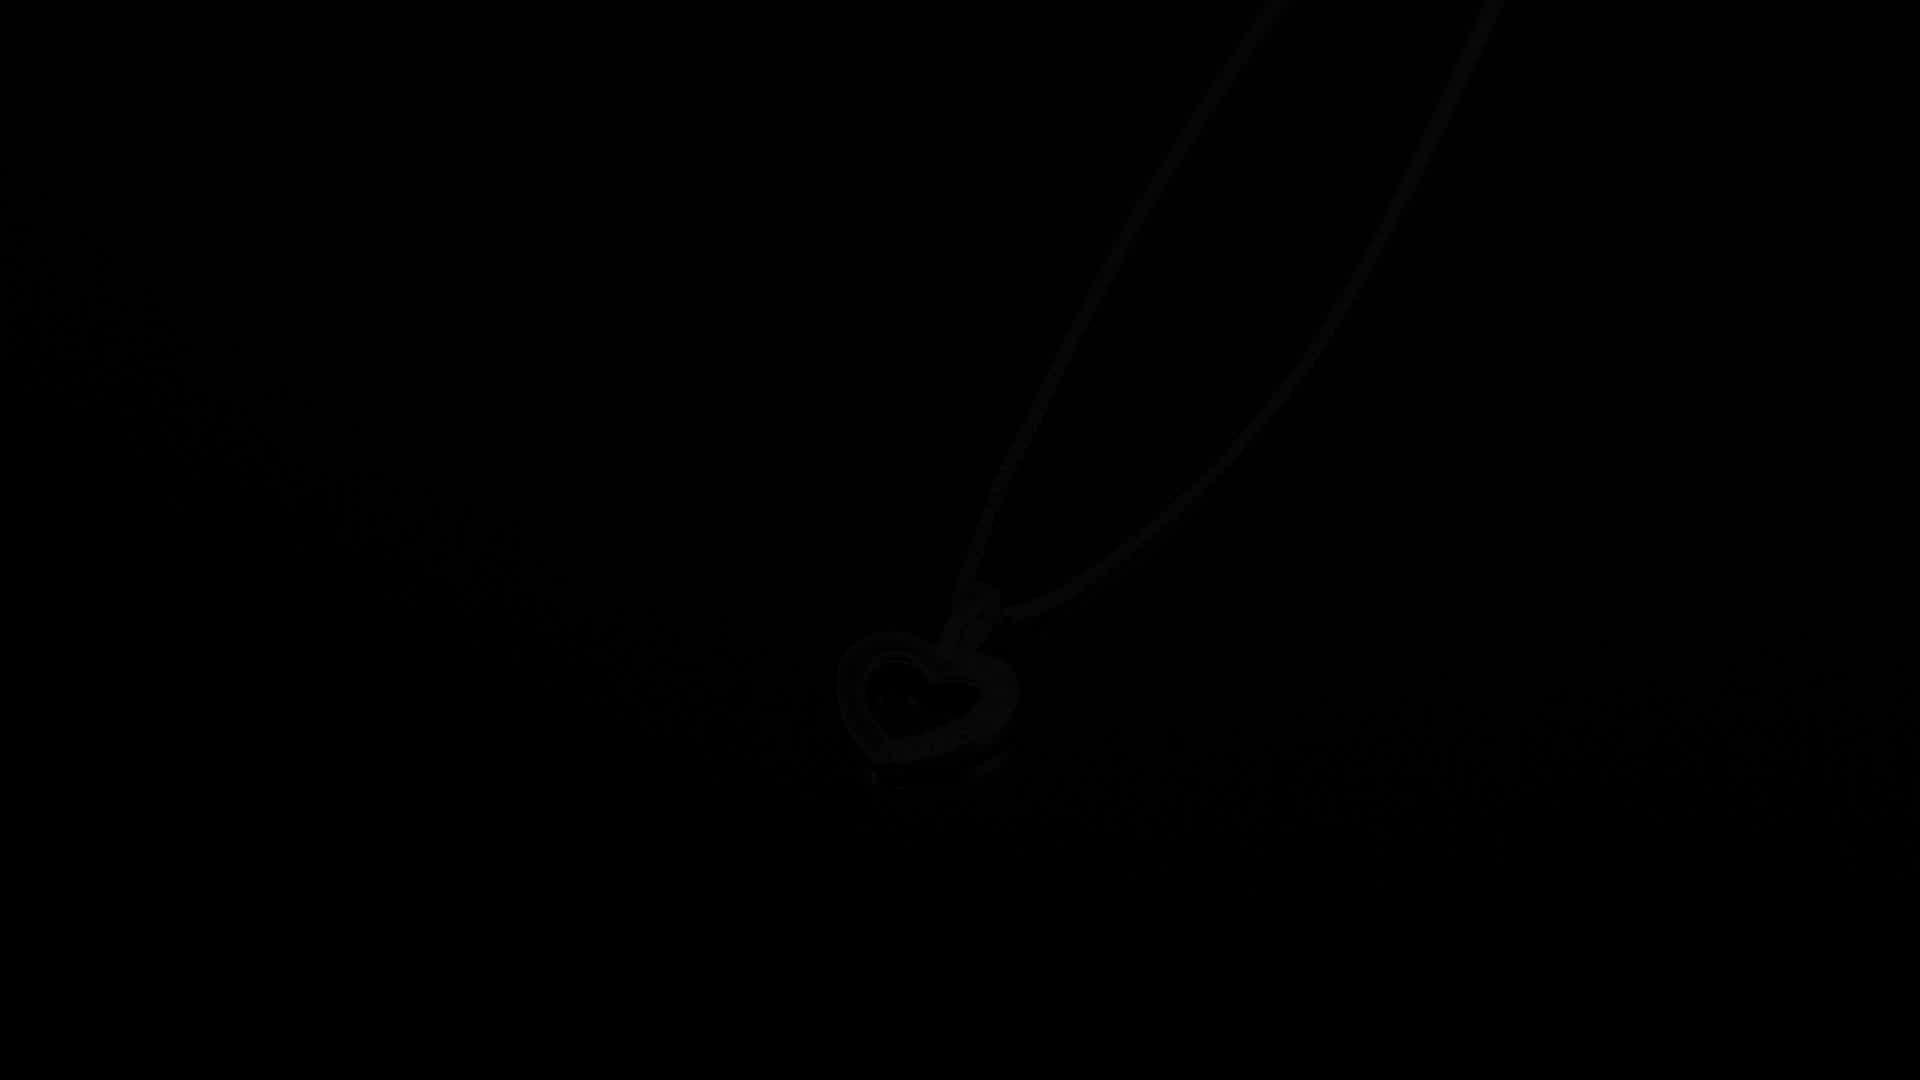 큐빅 지르코니아 Love Heart 펜 던 트 Necklace 925 Sterling Silver 16 인치 From JewelryPalace